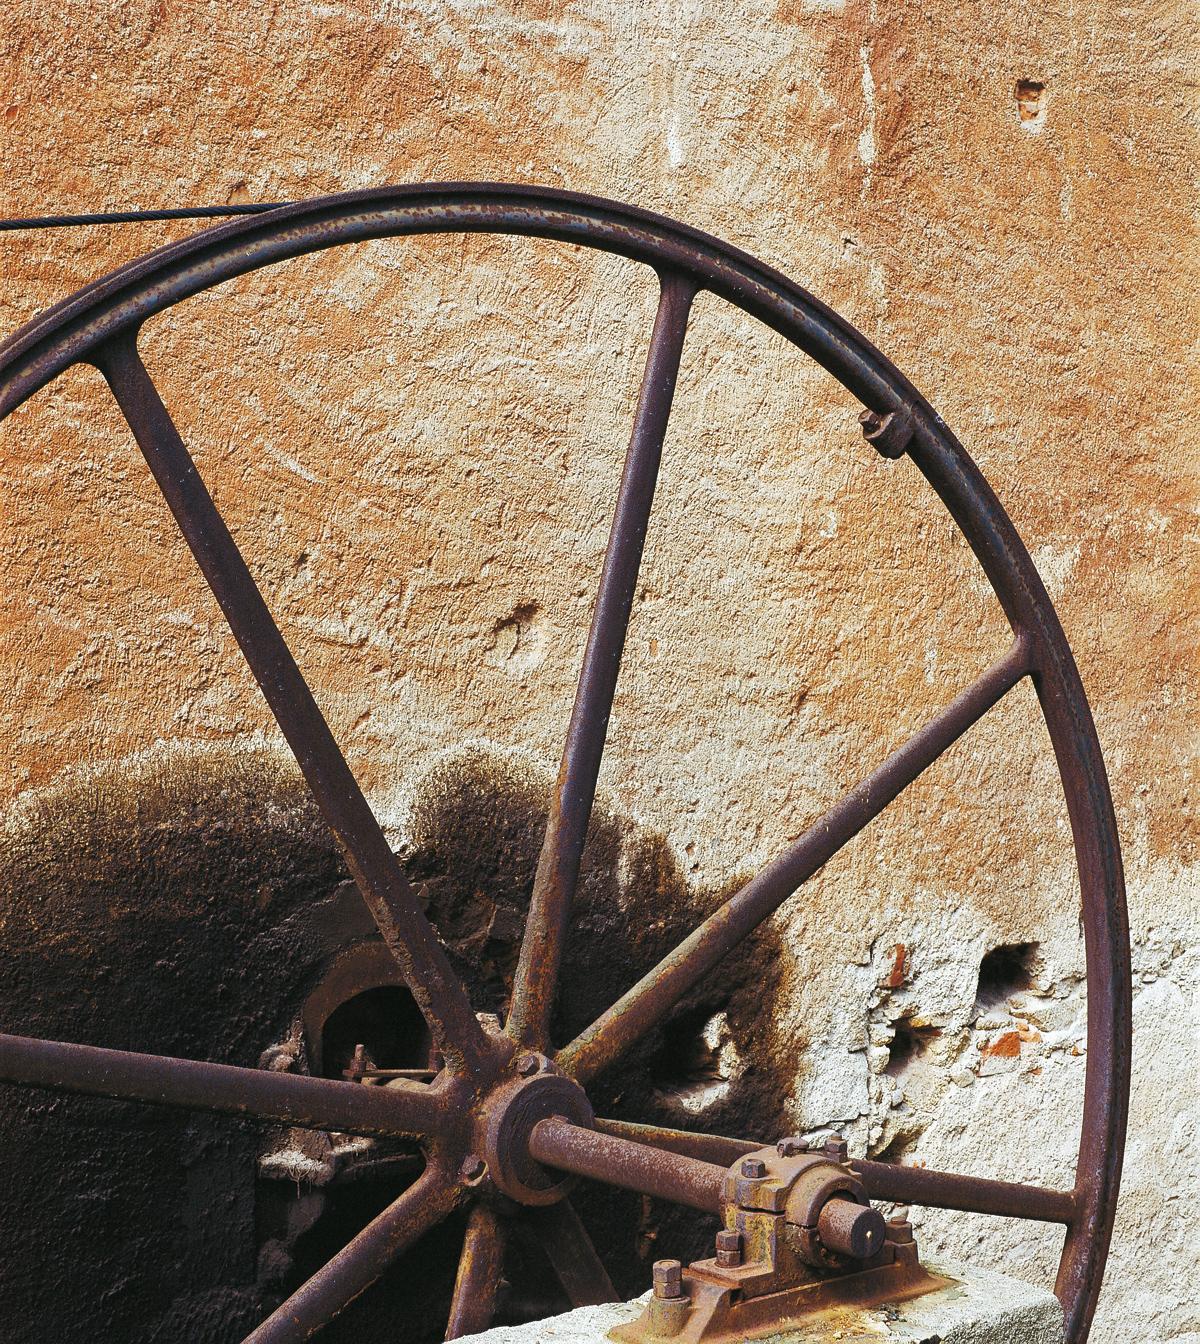 <b>Pray Biellese, &quot;Fabbrica della ruota&quot;, ex lanificio Zignone: la ruota di trasmissione</b><br />foto Fabrizio Lava